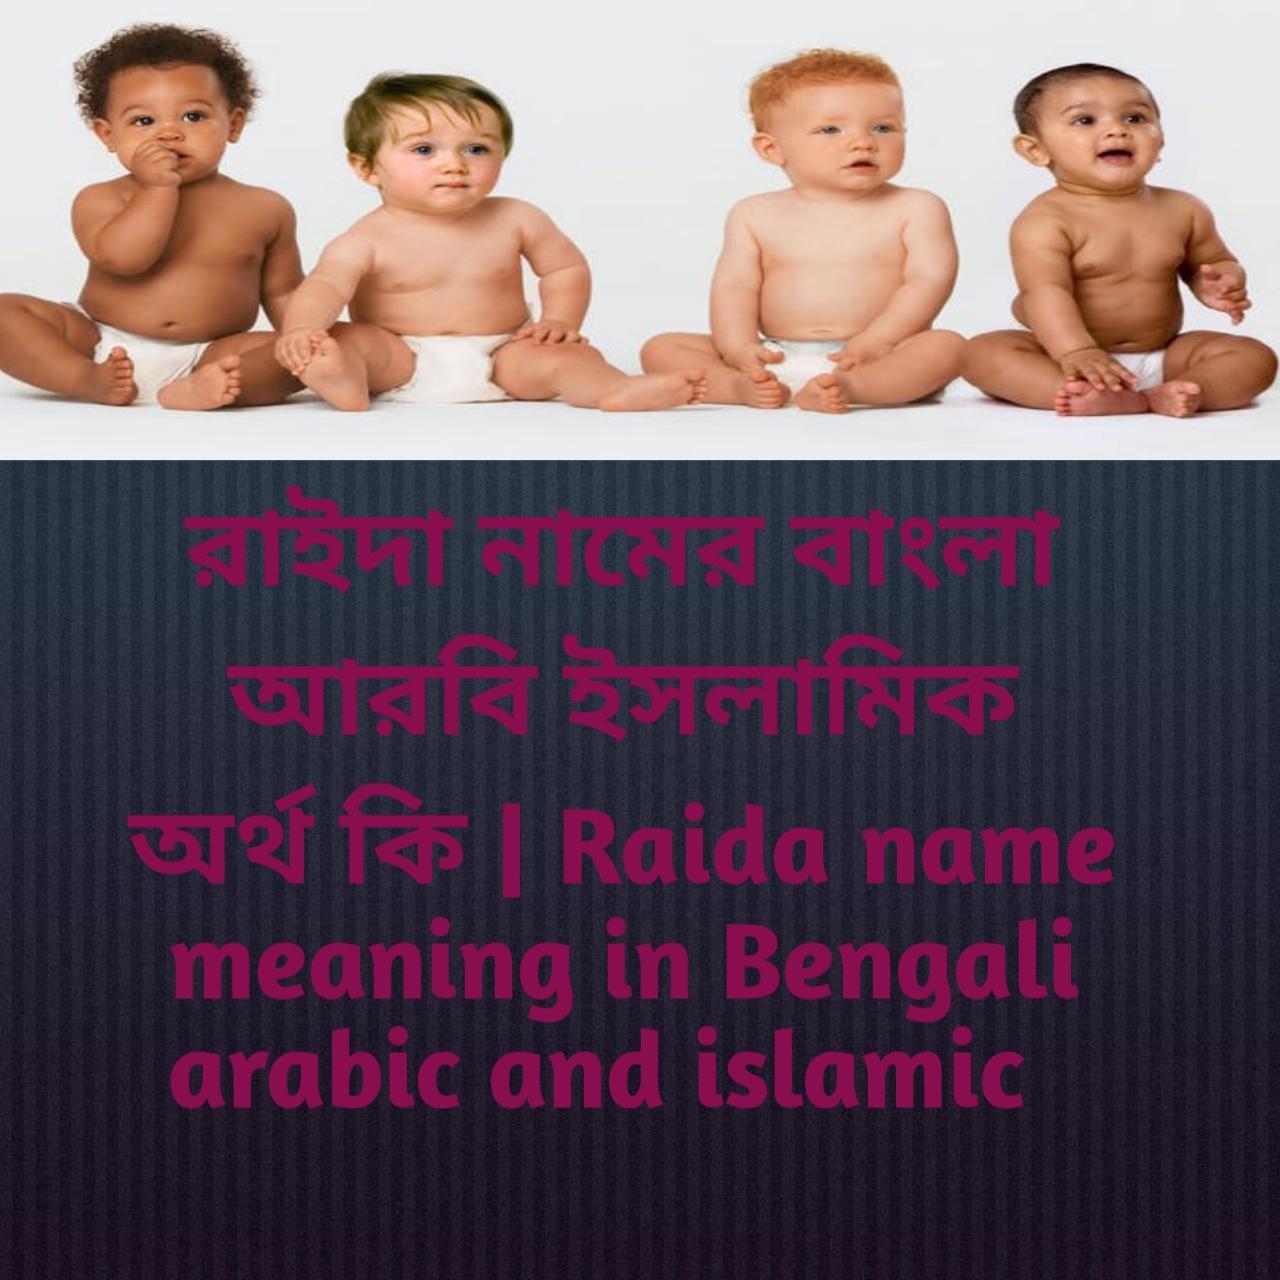 রাইদা নামের অর্থ কি, রাইদা নামের বাংলা অর্থ কি, রাইদা নামের ইসলামিক অর্থ কি, Raida name meaning in Bengali, রাইদা কি ইসলামিক নাম,